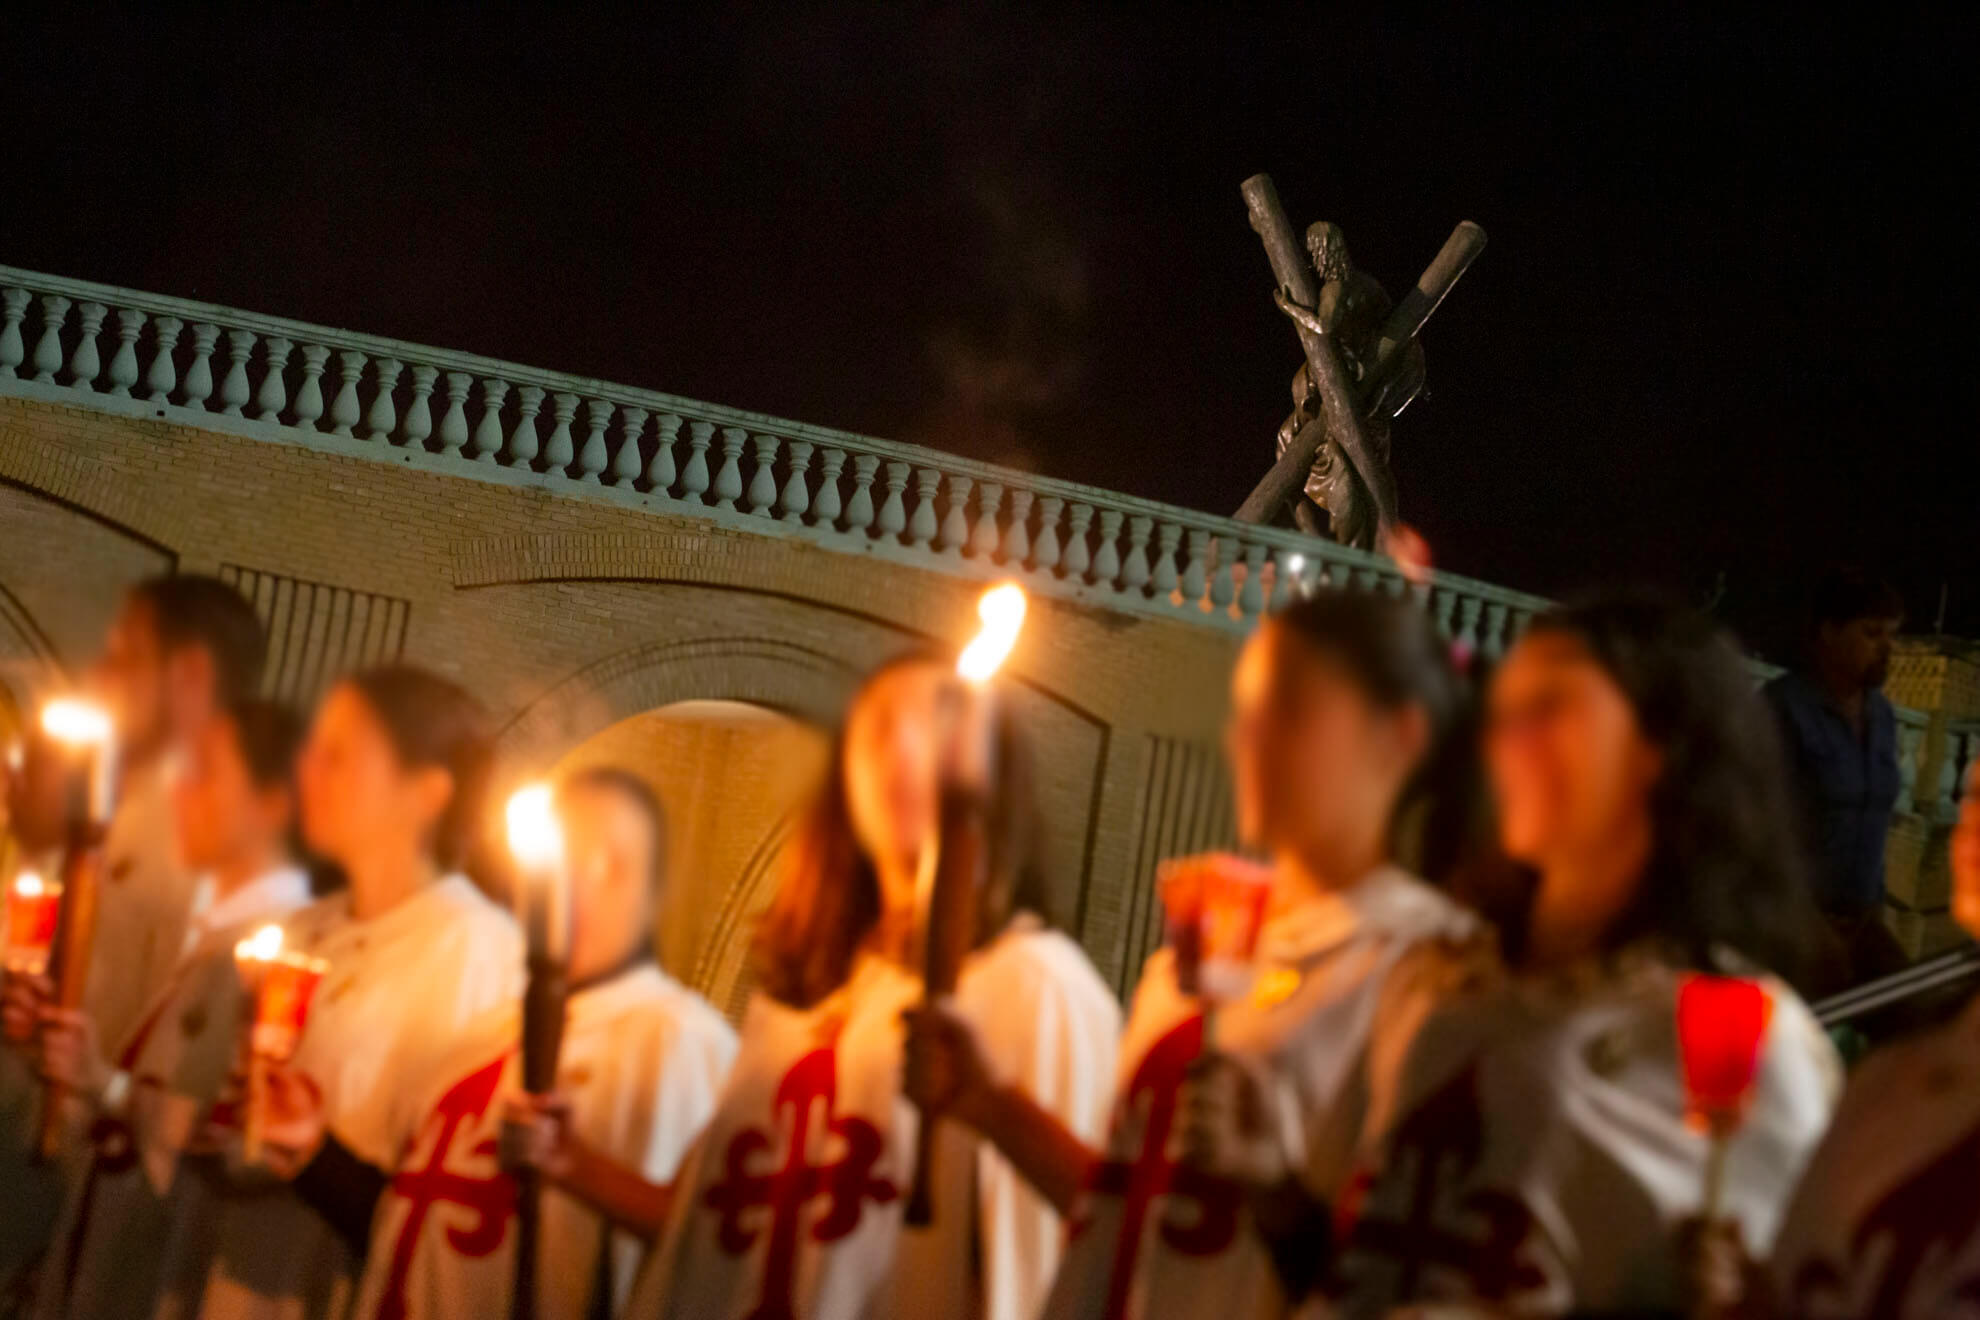 Em 14 de junho de 2018, 15 pessoas assinaram uma representação ao Ministério Público de São Paulo denunciando os Arautos do Evangelho